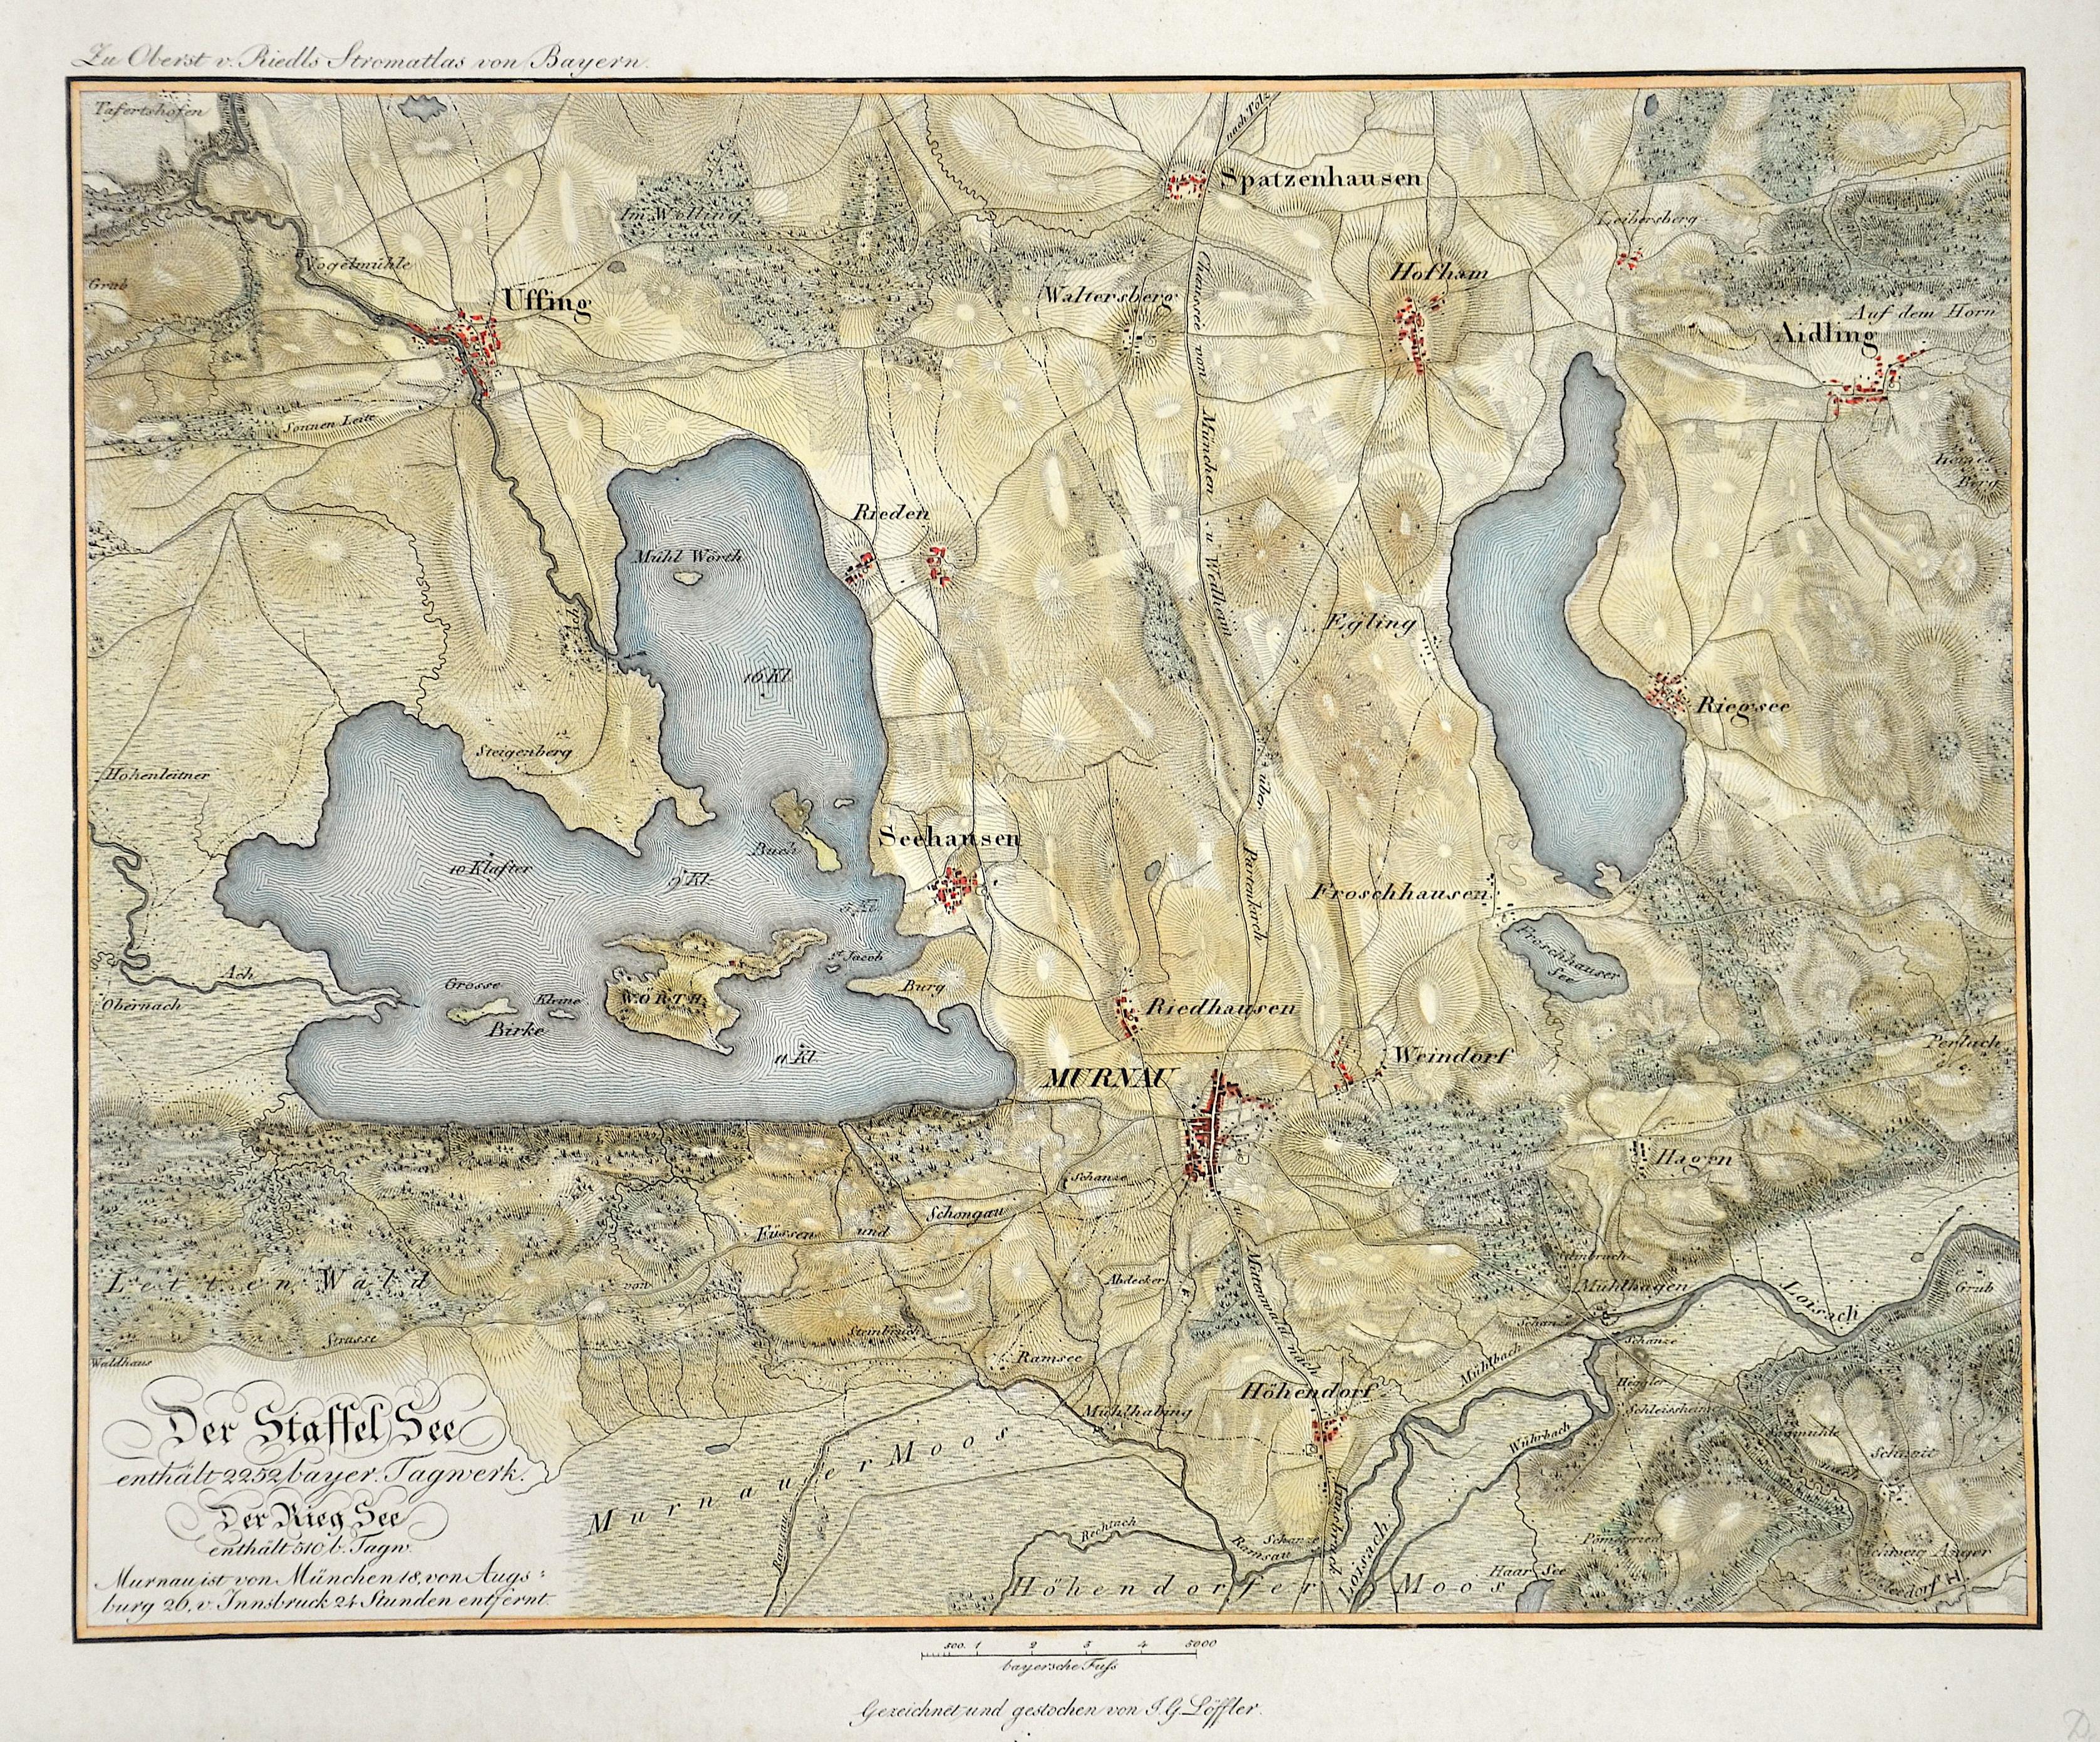 Riedl Adrian von Der Staffel See enthält 2252 bayer. Tagwerk. Der Rieg See enthält 510 b. Tagw.